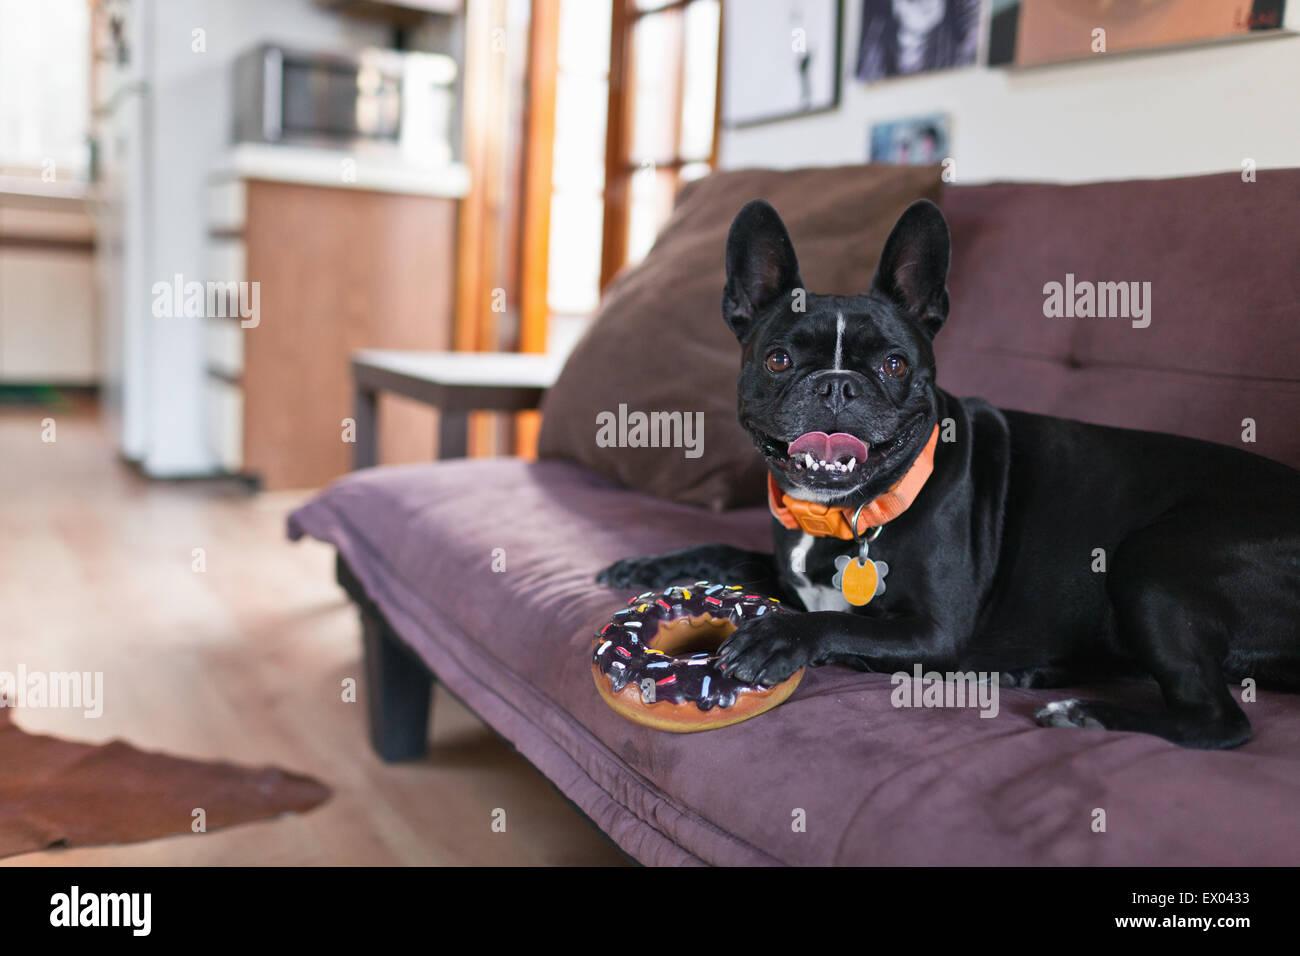 Portrait of dog on sofa holding onto doughnut toy - Stock Image